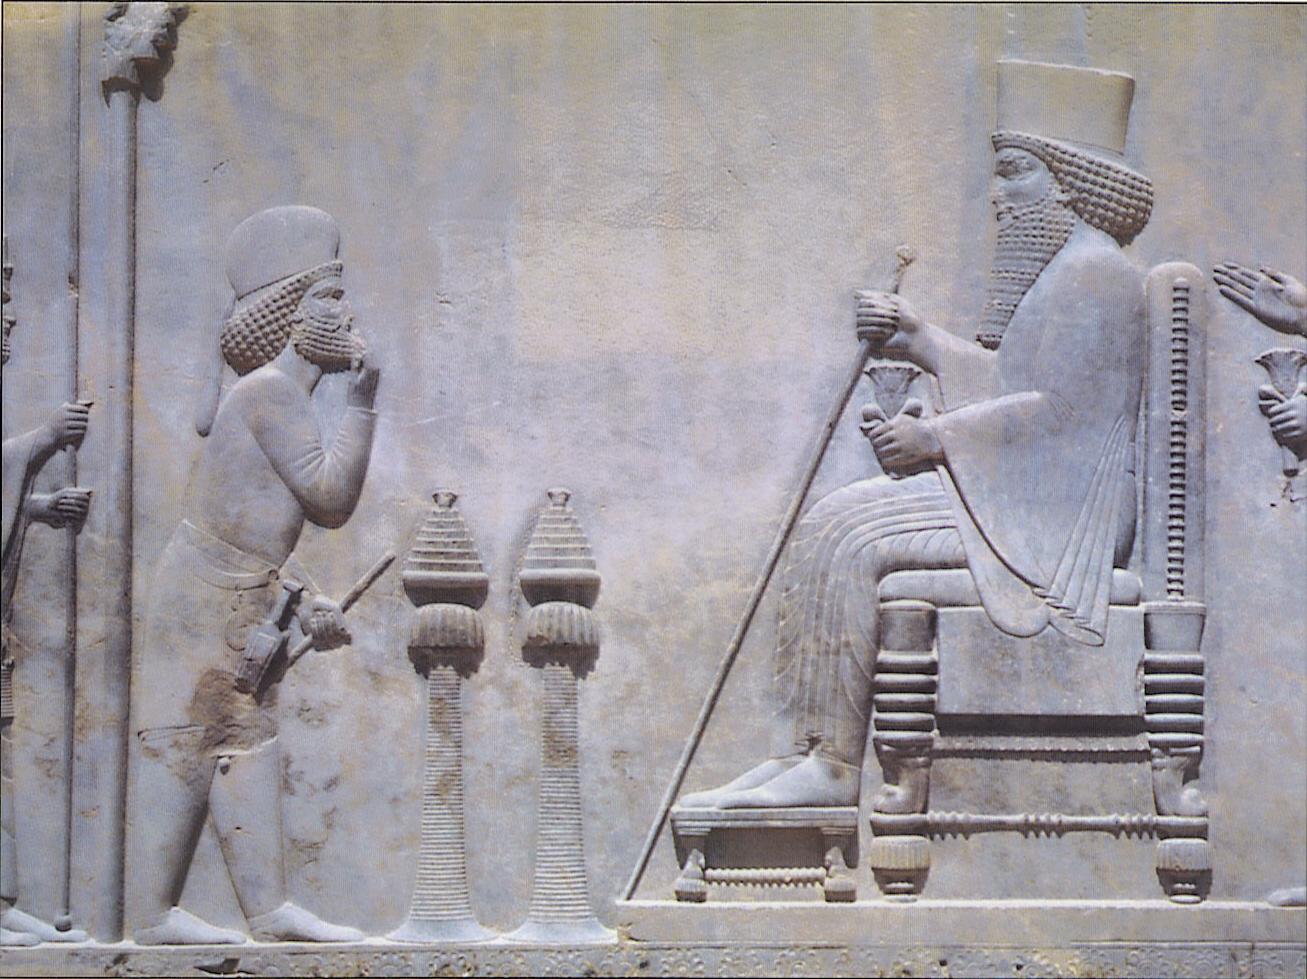 Historias del ambientador (II): lo mejor de las flores persas y babilónicas